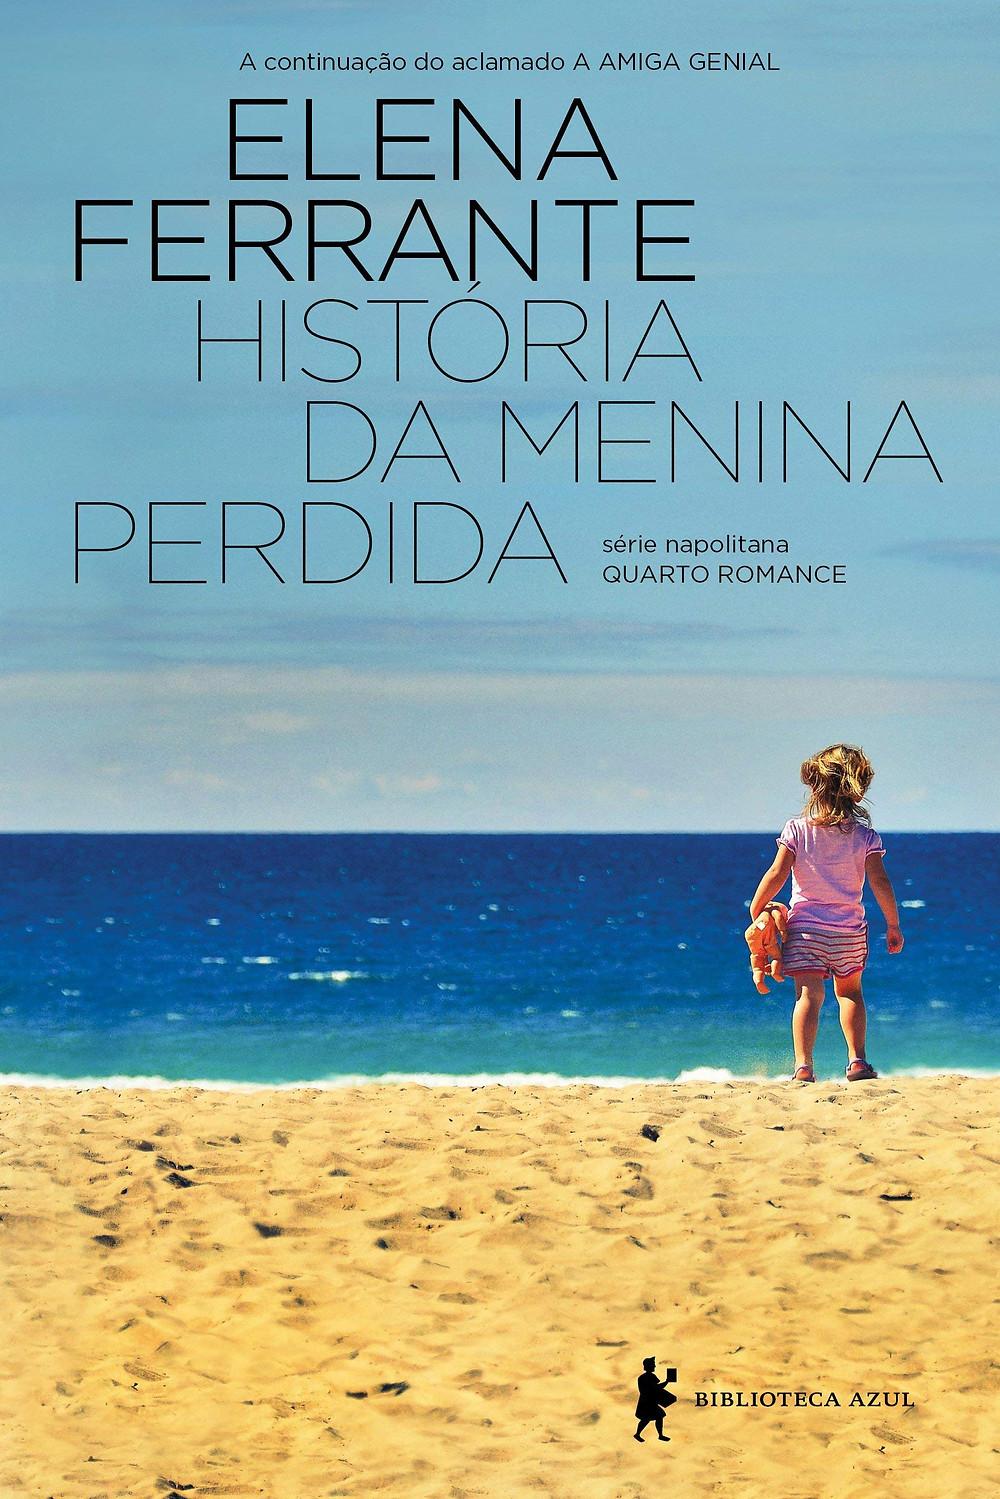 História da Menina Perdida é o quarto e último romance de Elena Ferrante da Série Napolitana, o maior sucesso da autora italiana